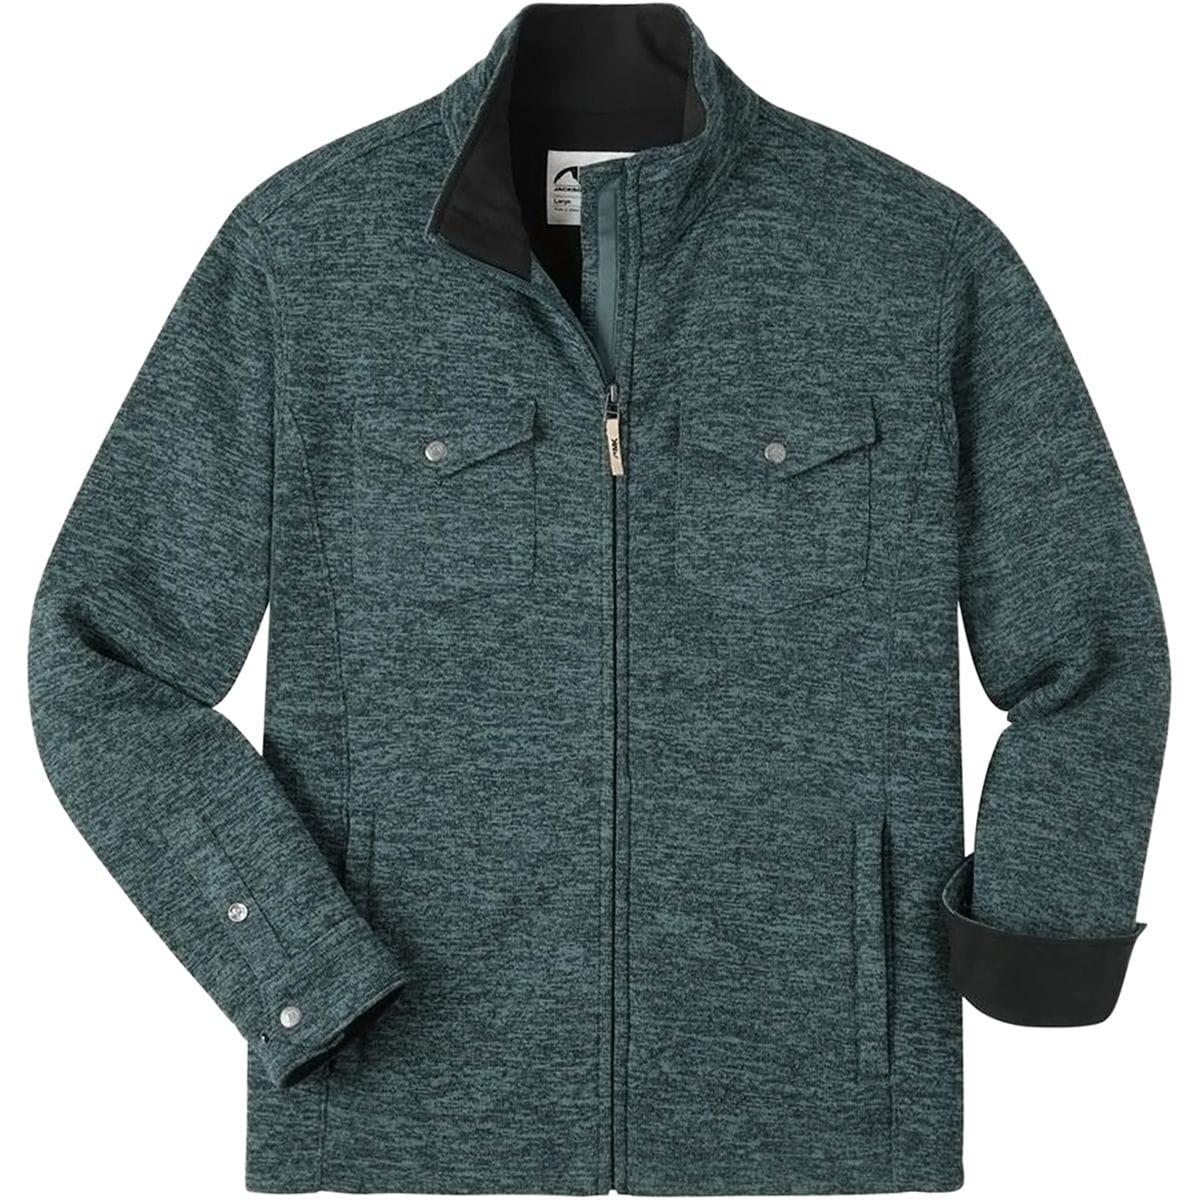 Mountain Khakis Old Faithful Sweater - Men